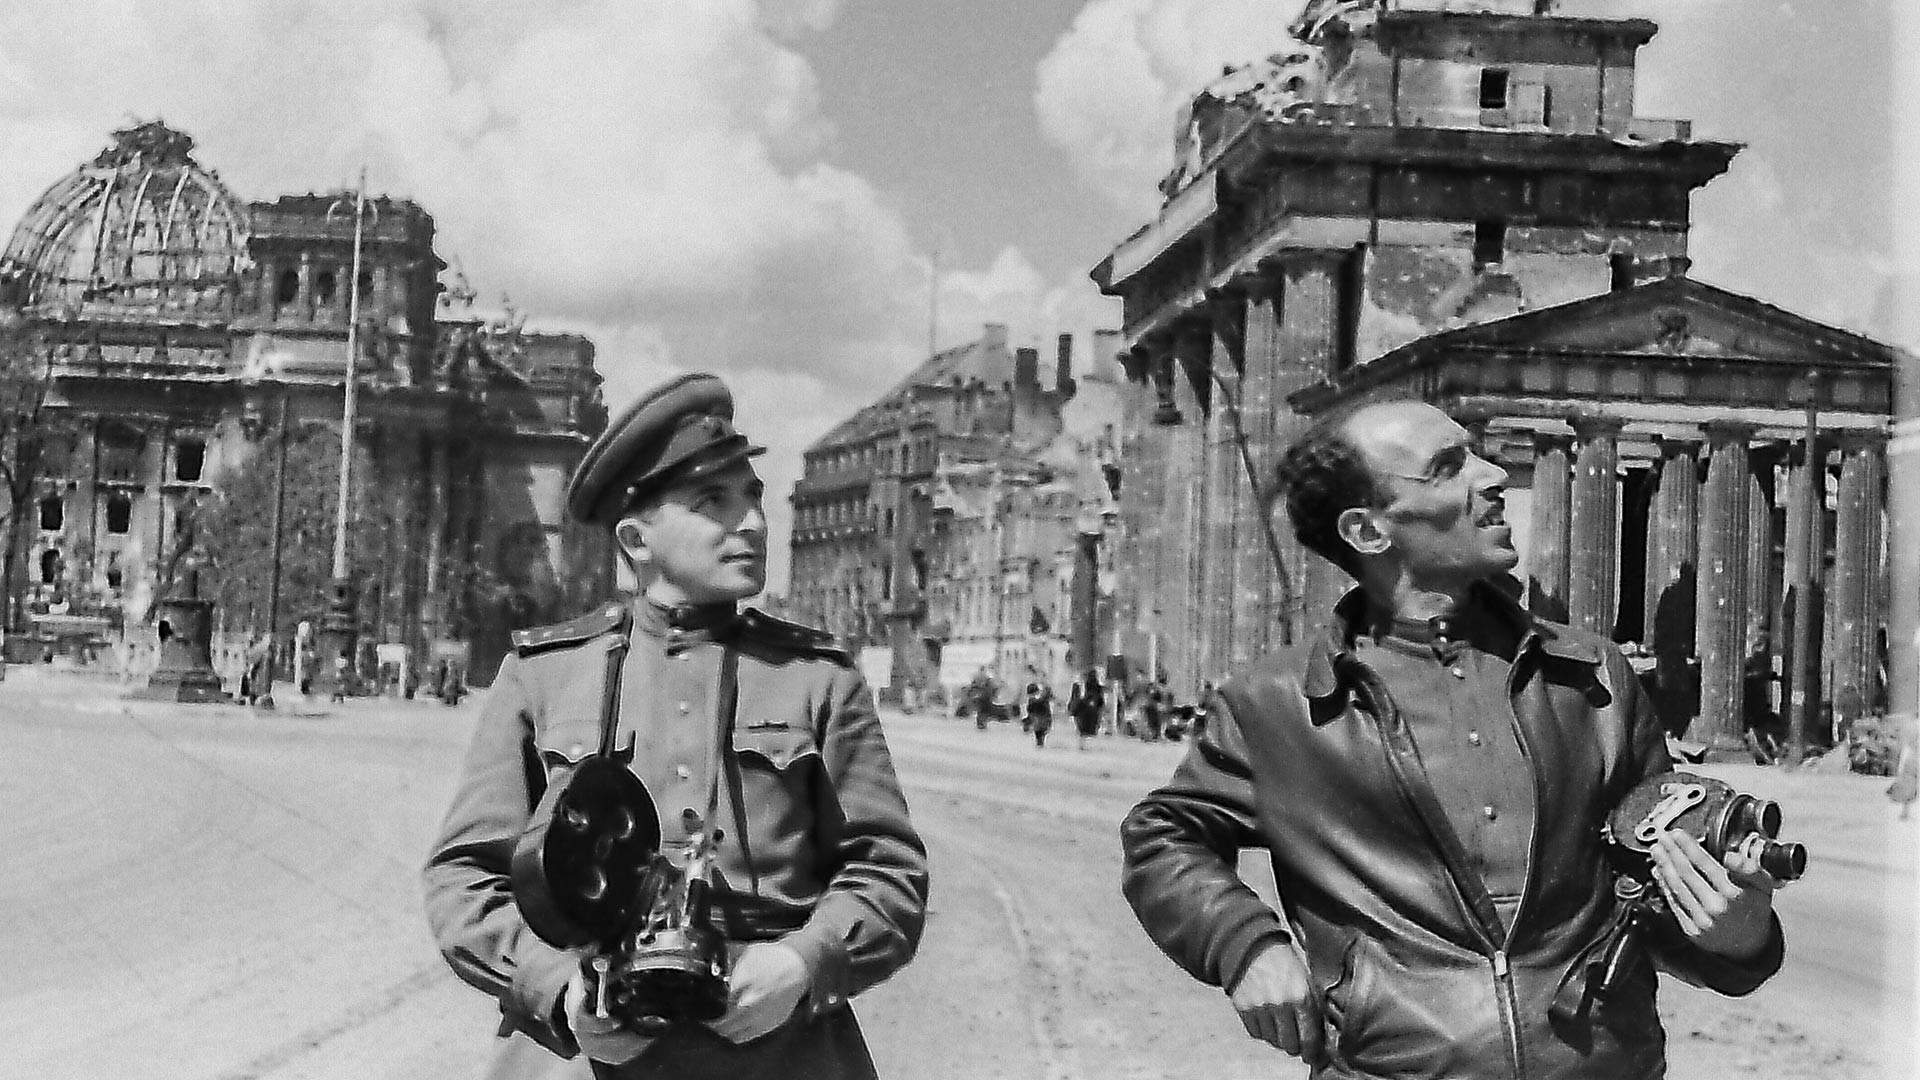 Fotografer perang Ilya Arons (kiri) dan Leon Mazrukho di Gerbang Brandenburg. Berlin, Juni 1945.